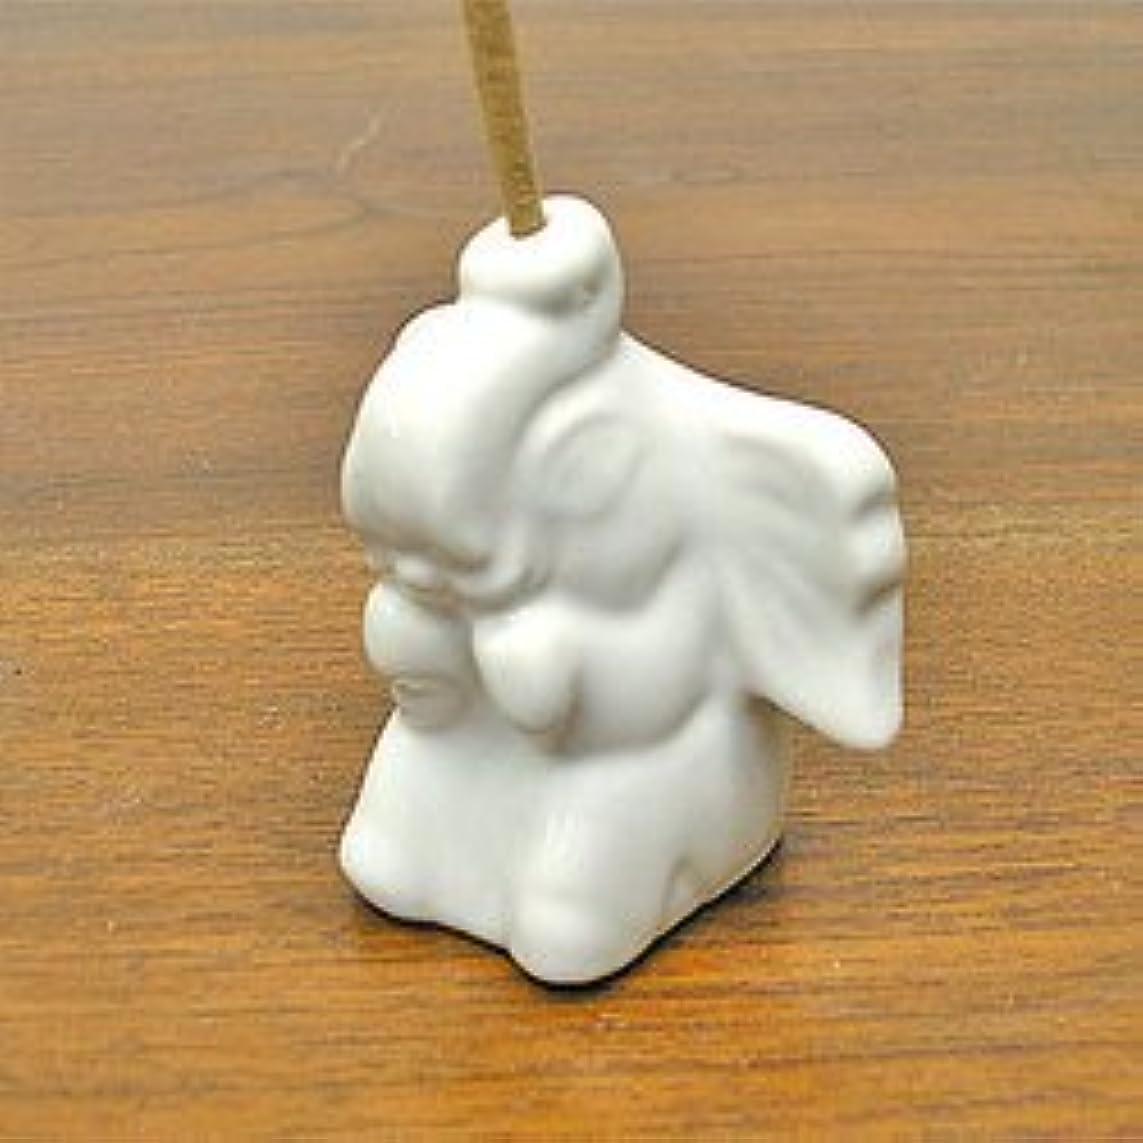 省略する興奮する魅惑する象さんのお香立て <白> インセンスホルダー/スティックタイプ用お香立て?お香たて アジアン雑貨